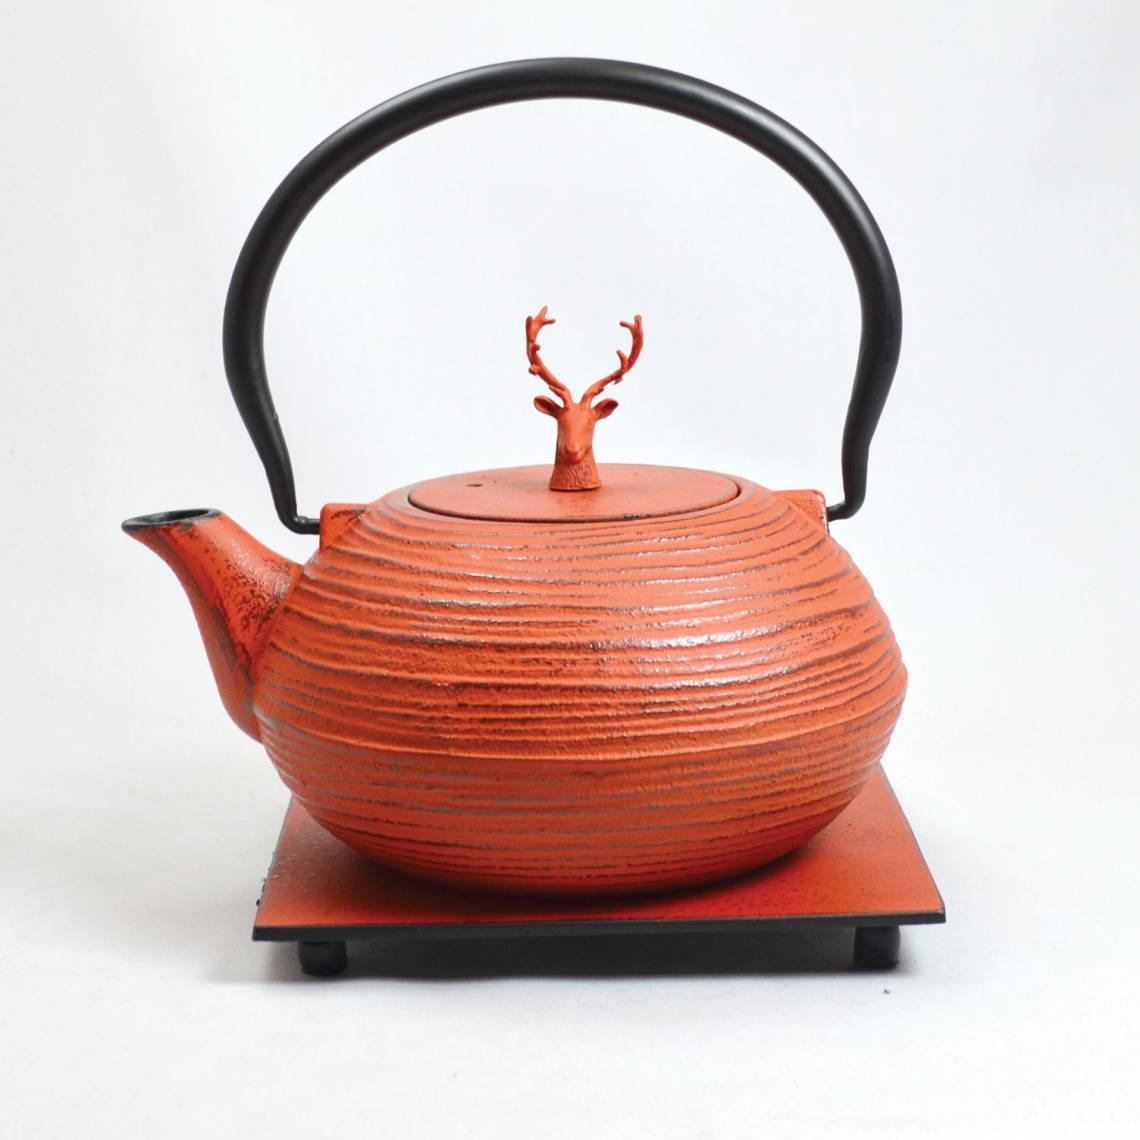 ja unendlich: Ostern / Teekanne LWH 7713-H